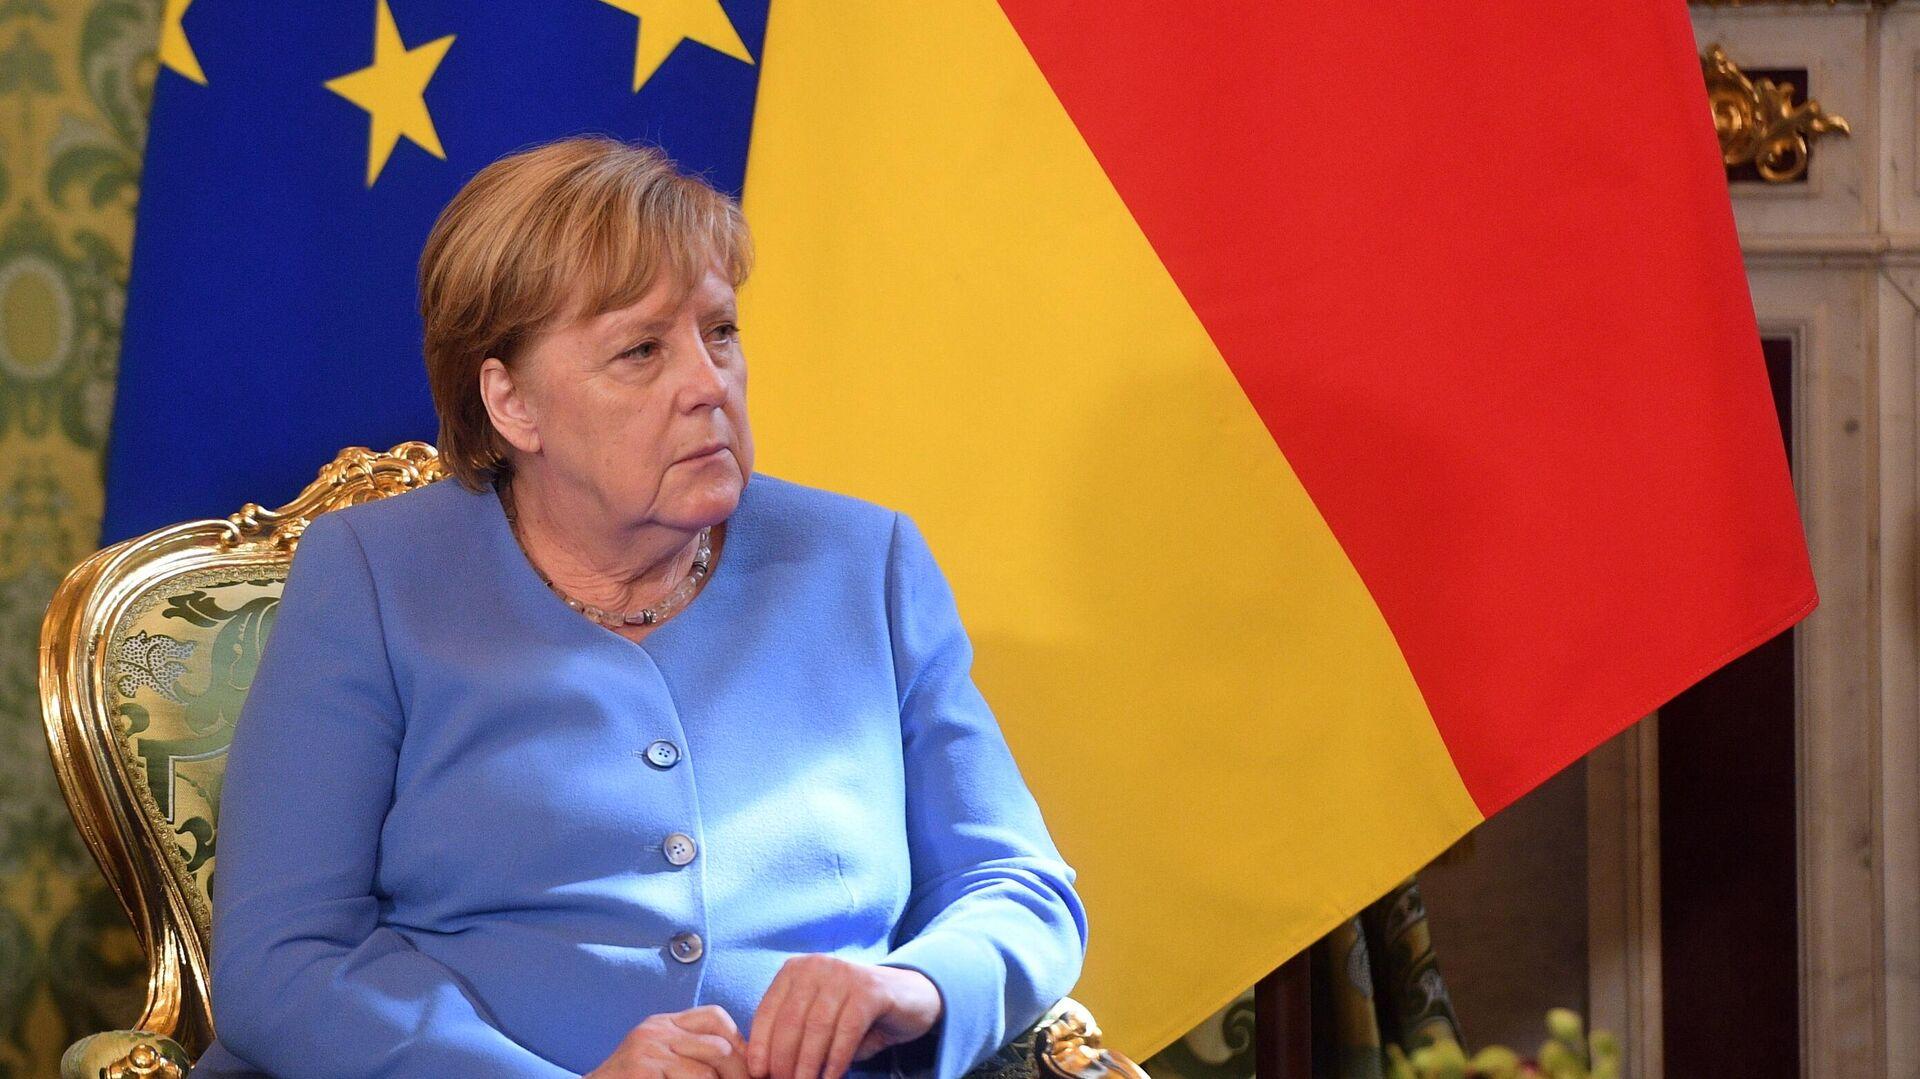 Федеральный канцлер Германии Ангела Меркель во время встречи с президентом РФ Владимиром Путиным - РИА Новости, 1920, 15.09.2021